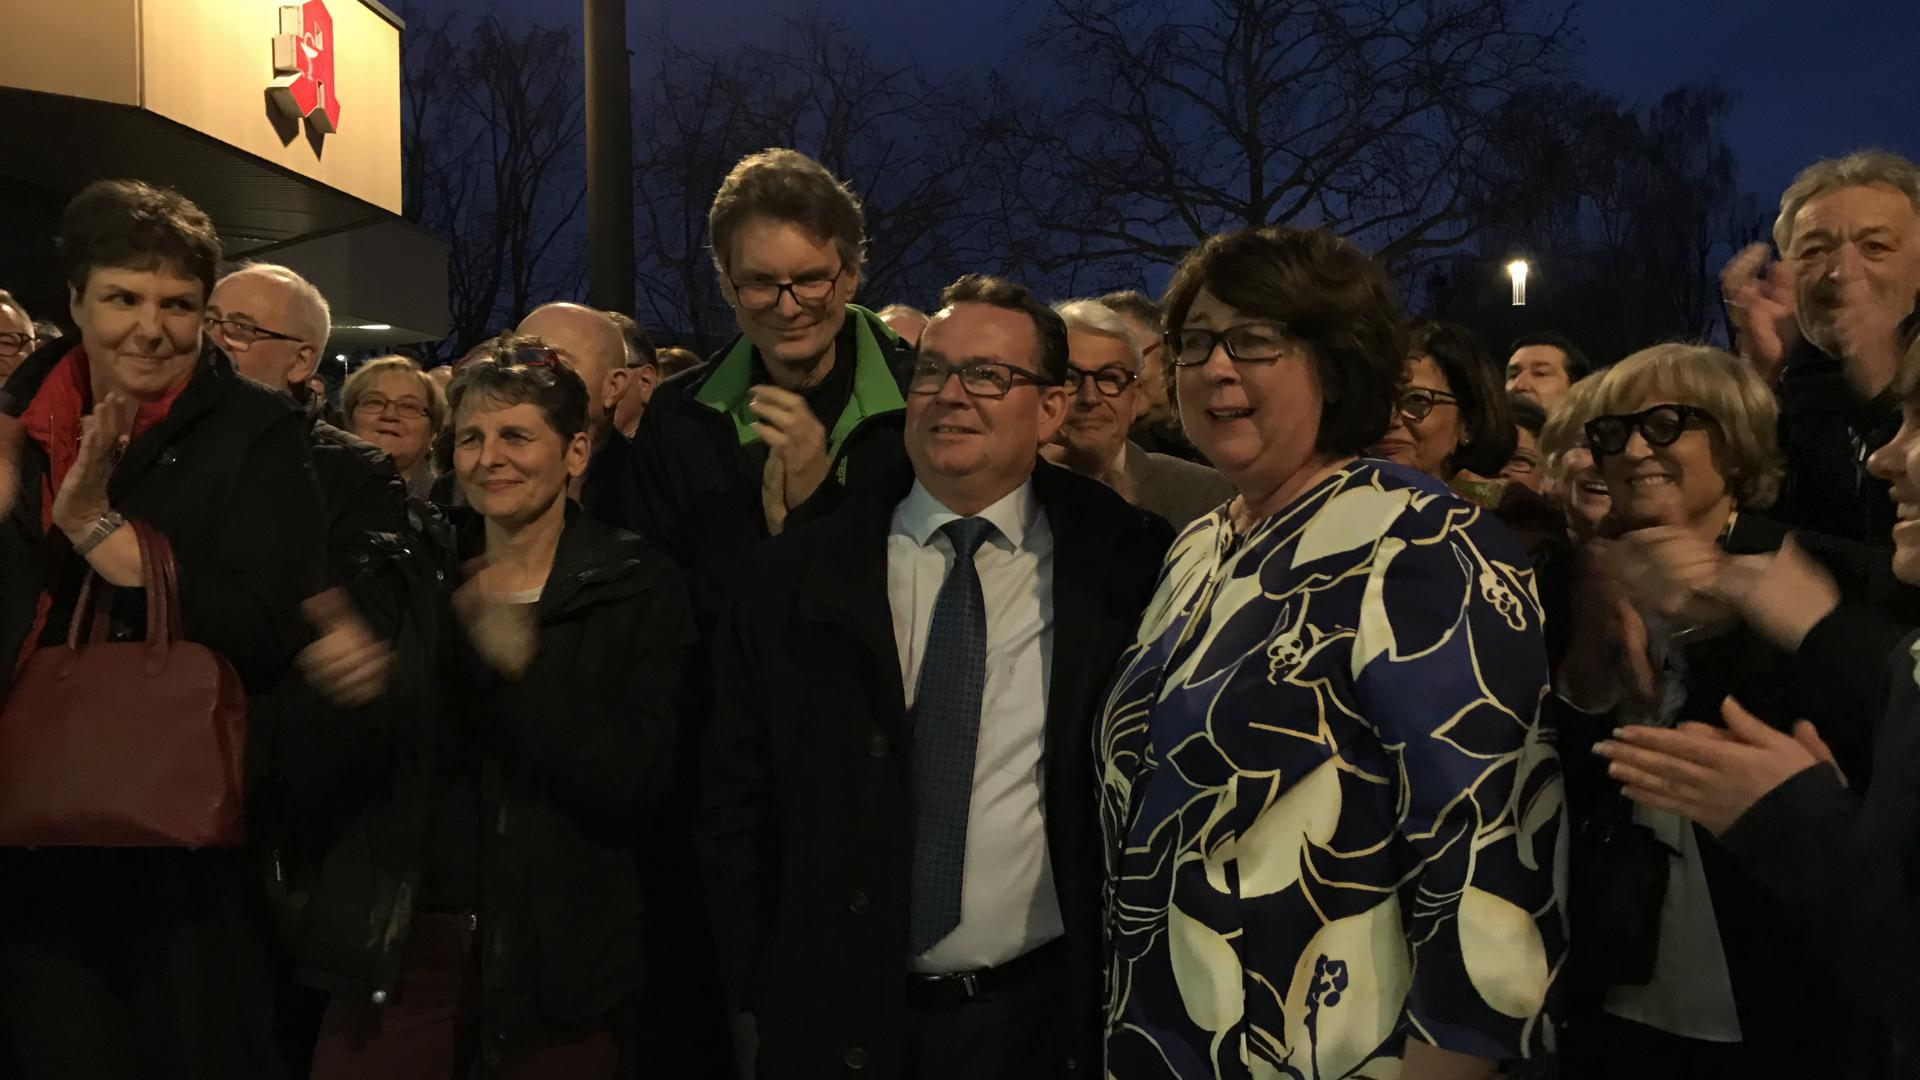 Rolf Spiegelhalder (Mitte) bleibt weiter Bürgermeister in Elchesheim-Illingen.